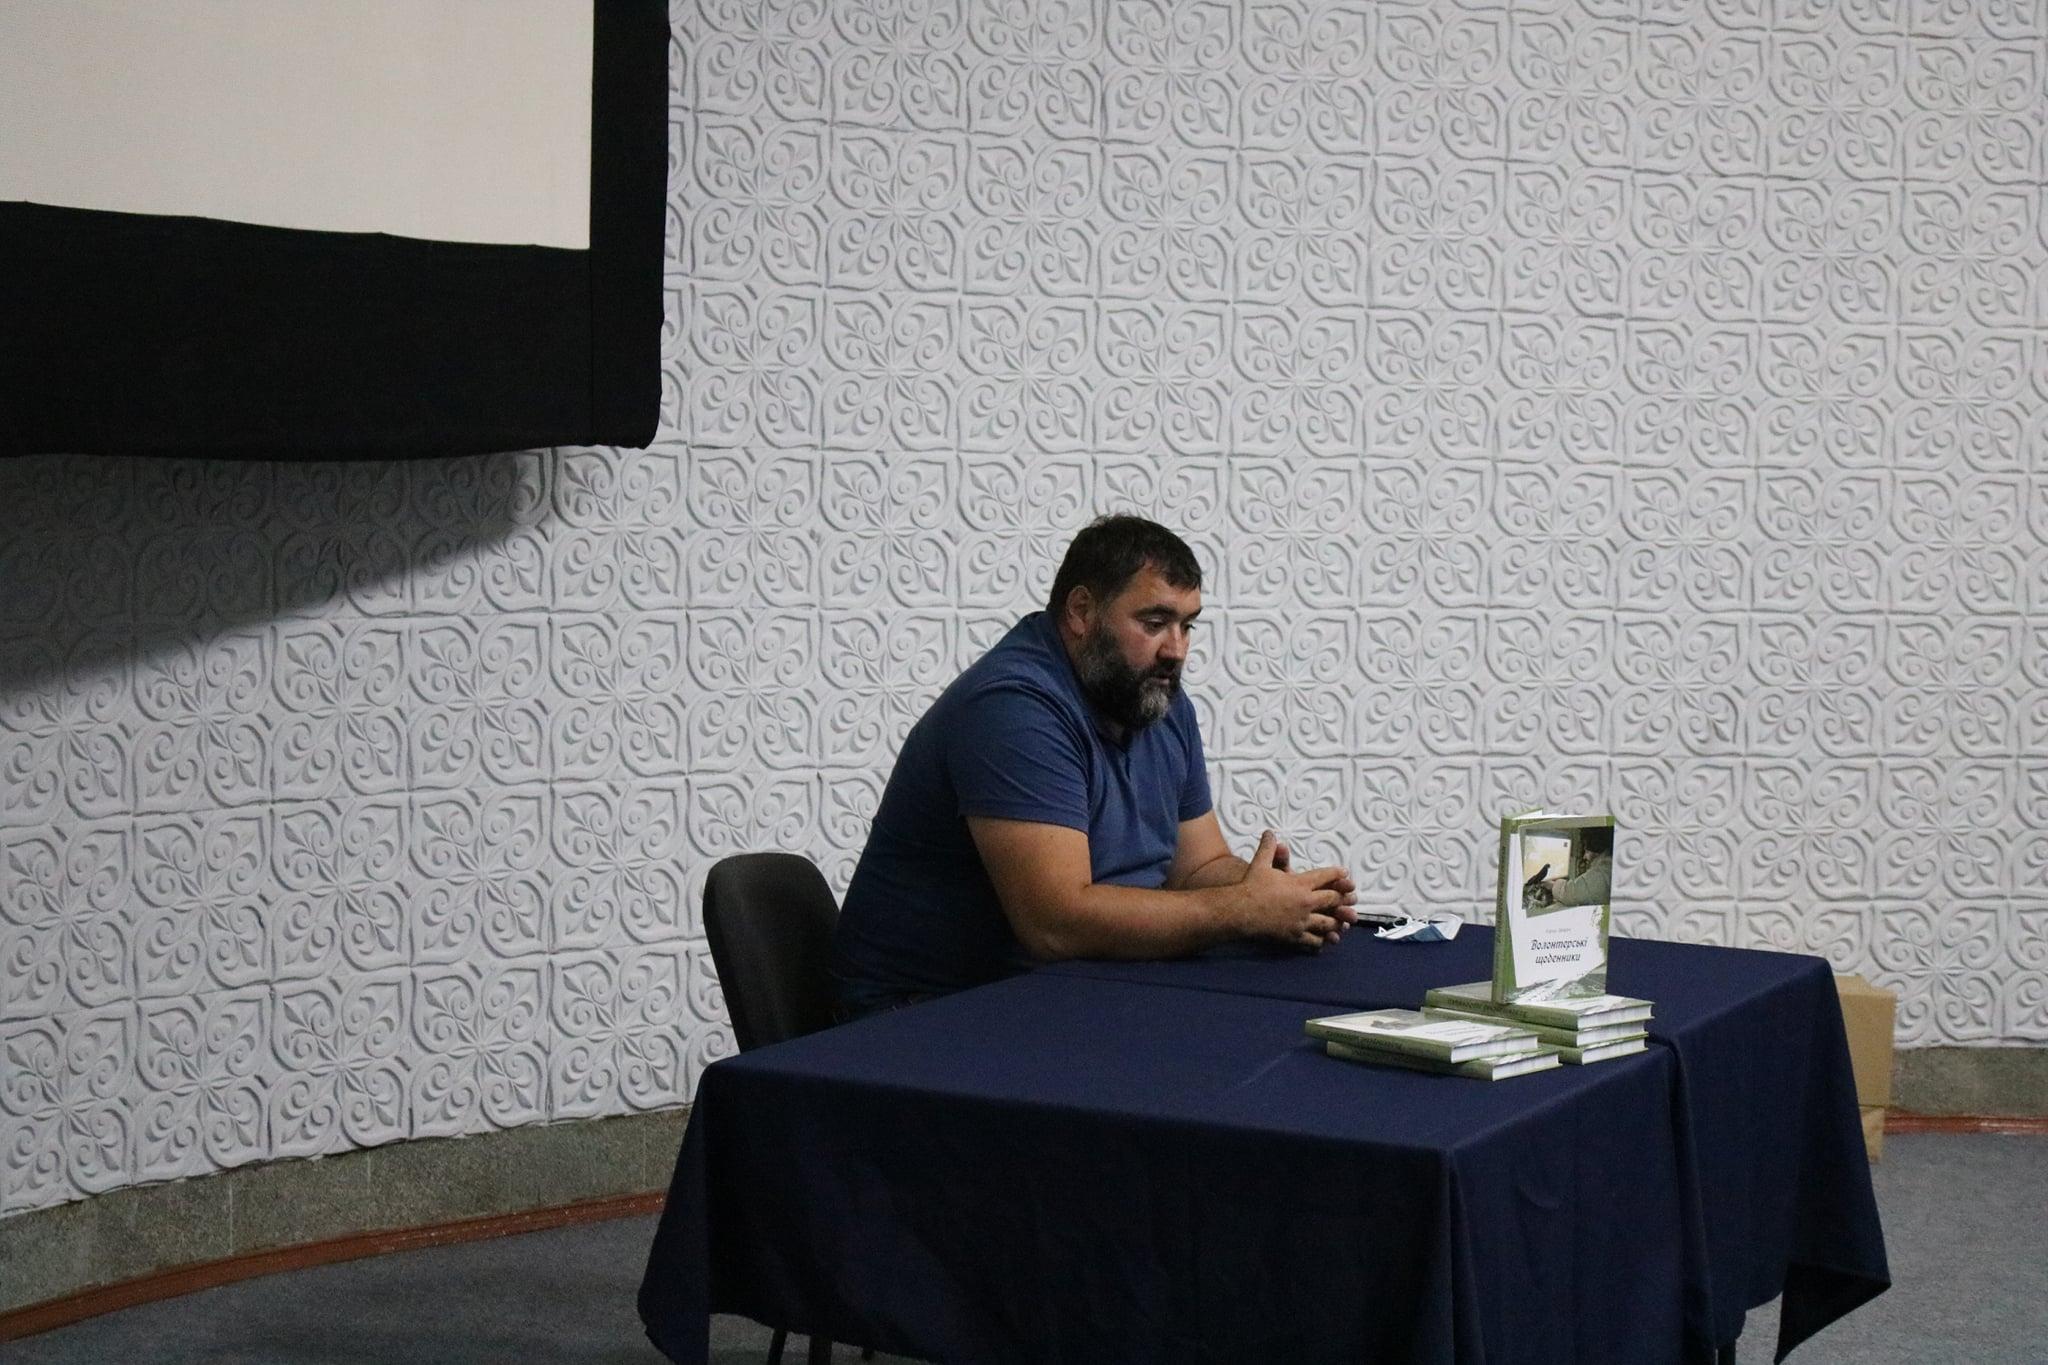 У Чернігові під час презентації книги Євгена Зінича «Волонтерські щоденники» викрито один із міфів про «зраду» і «змову» (Фото)